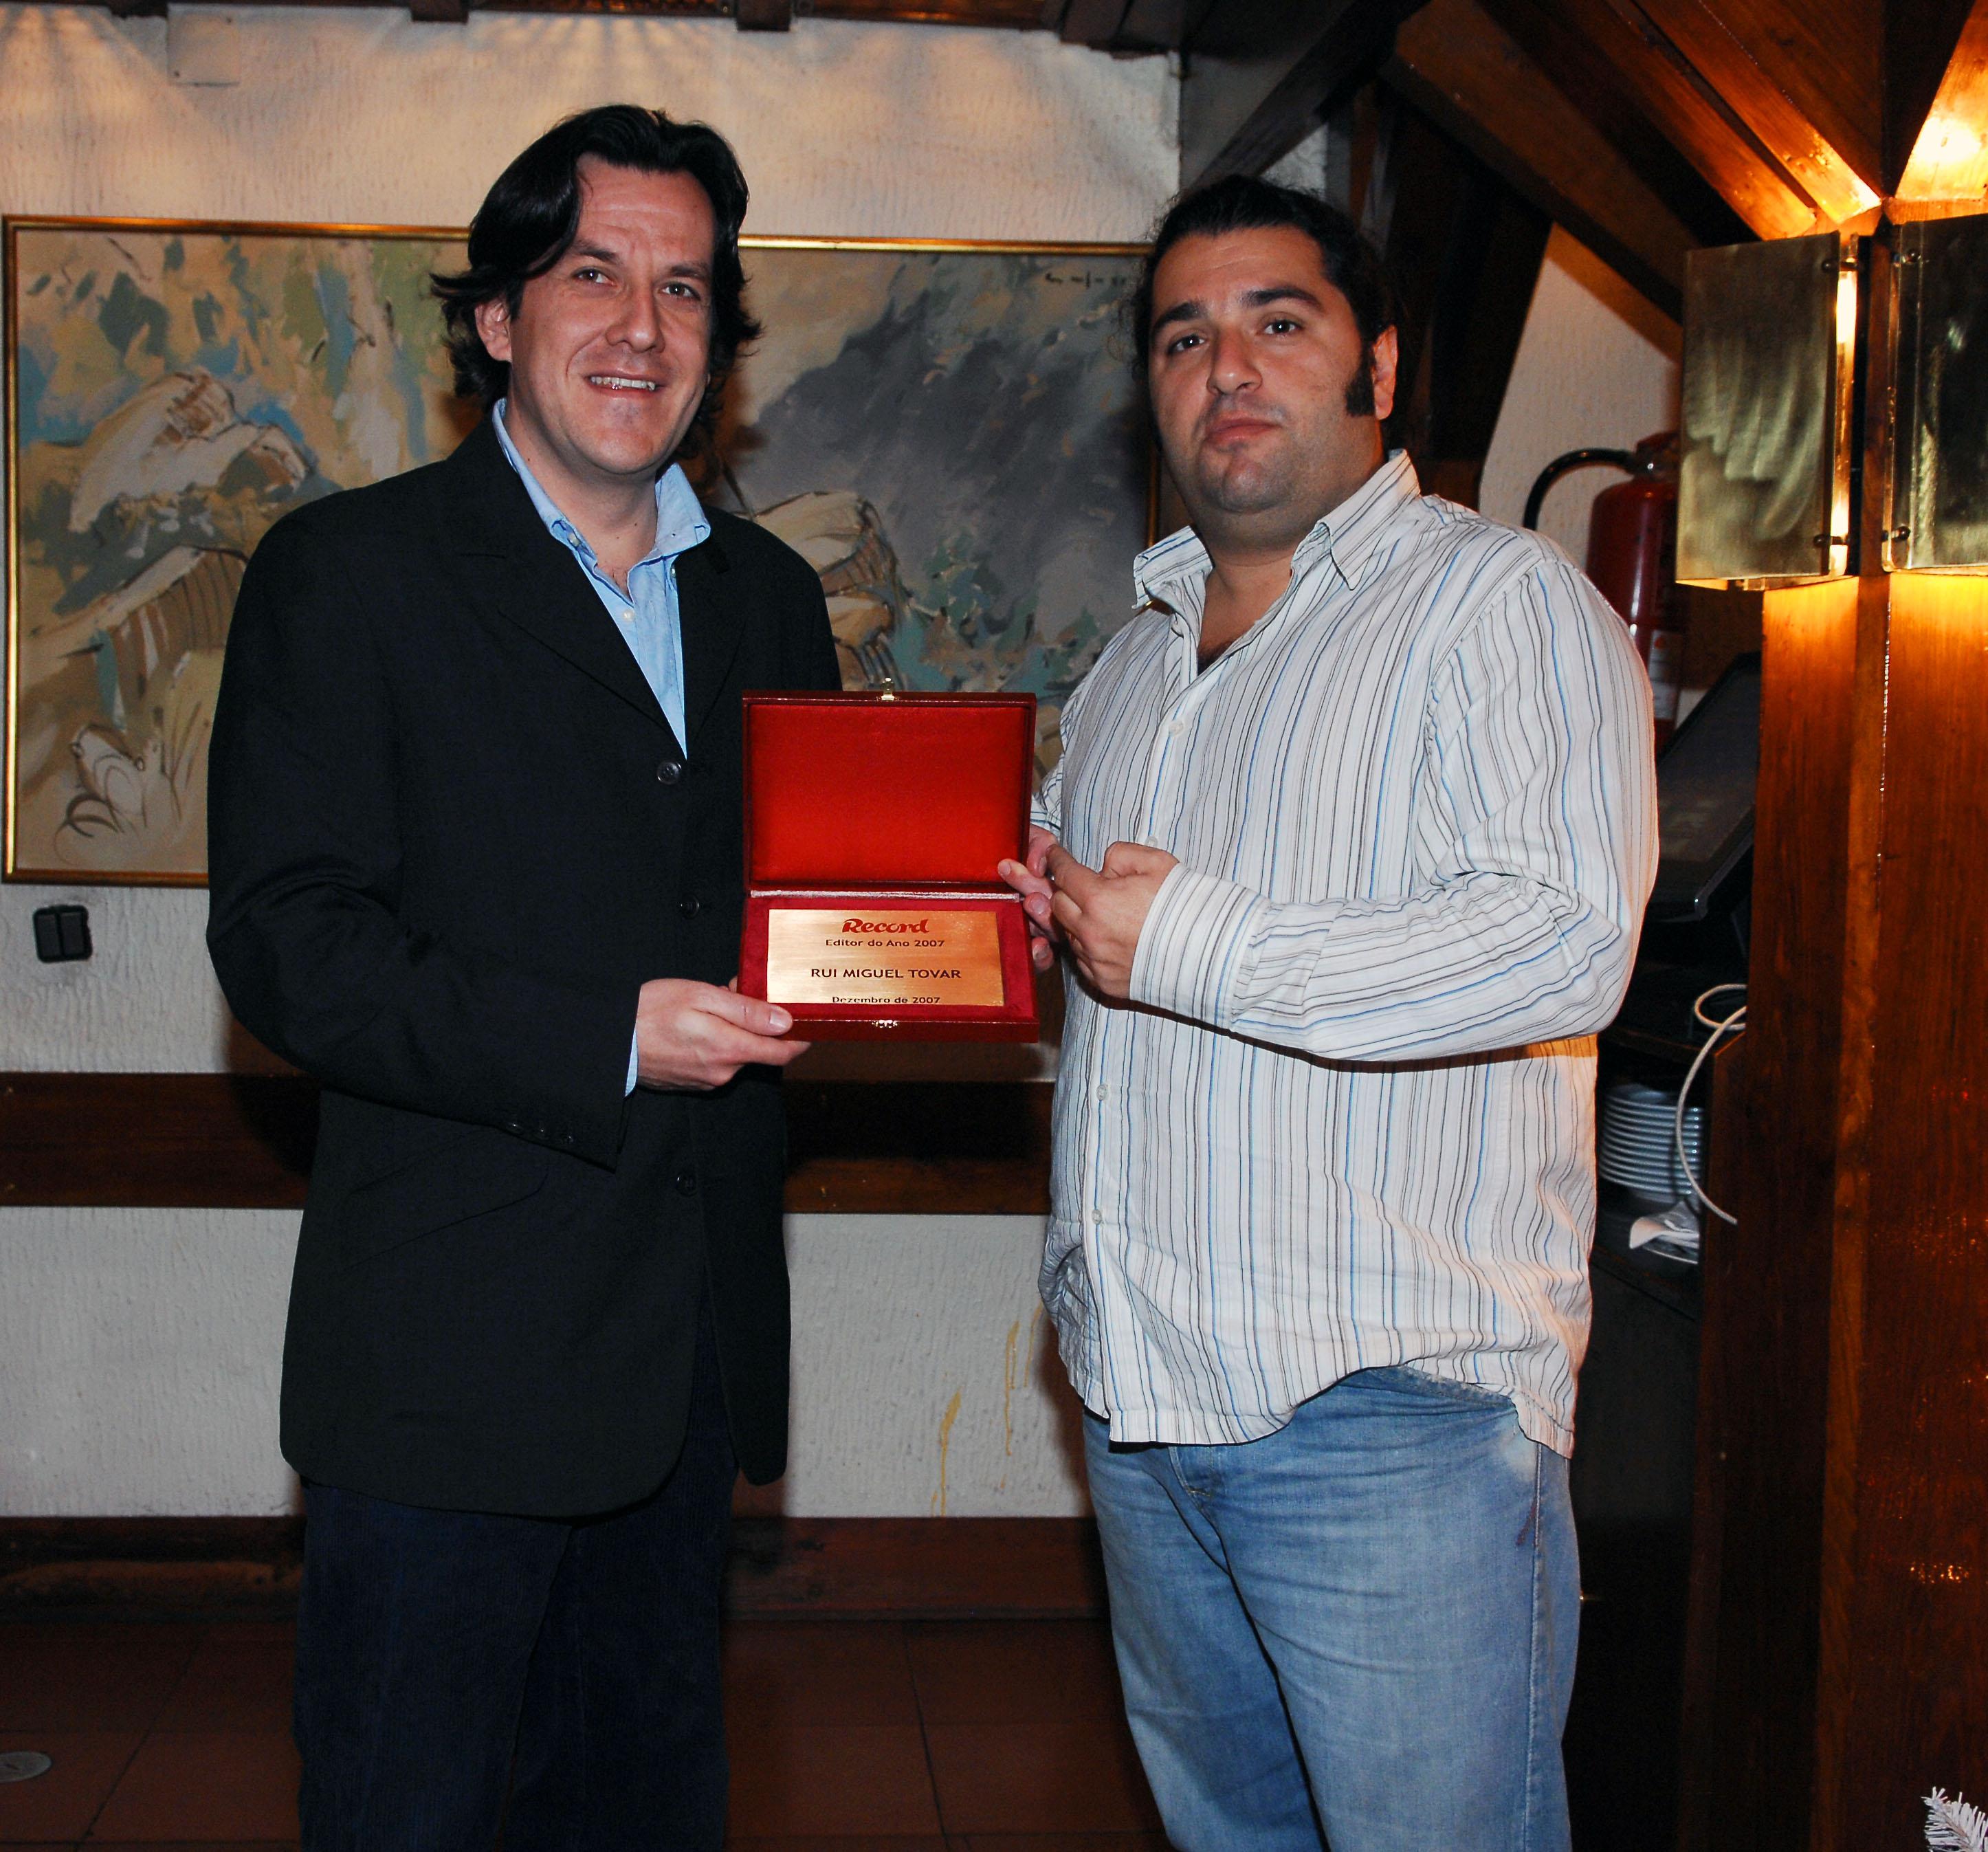 Entrega dos premios record 20-12-07 Campolide - Lisboa PEDRO SIMOES